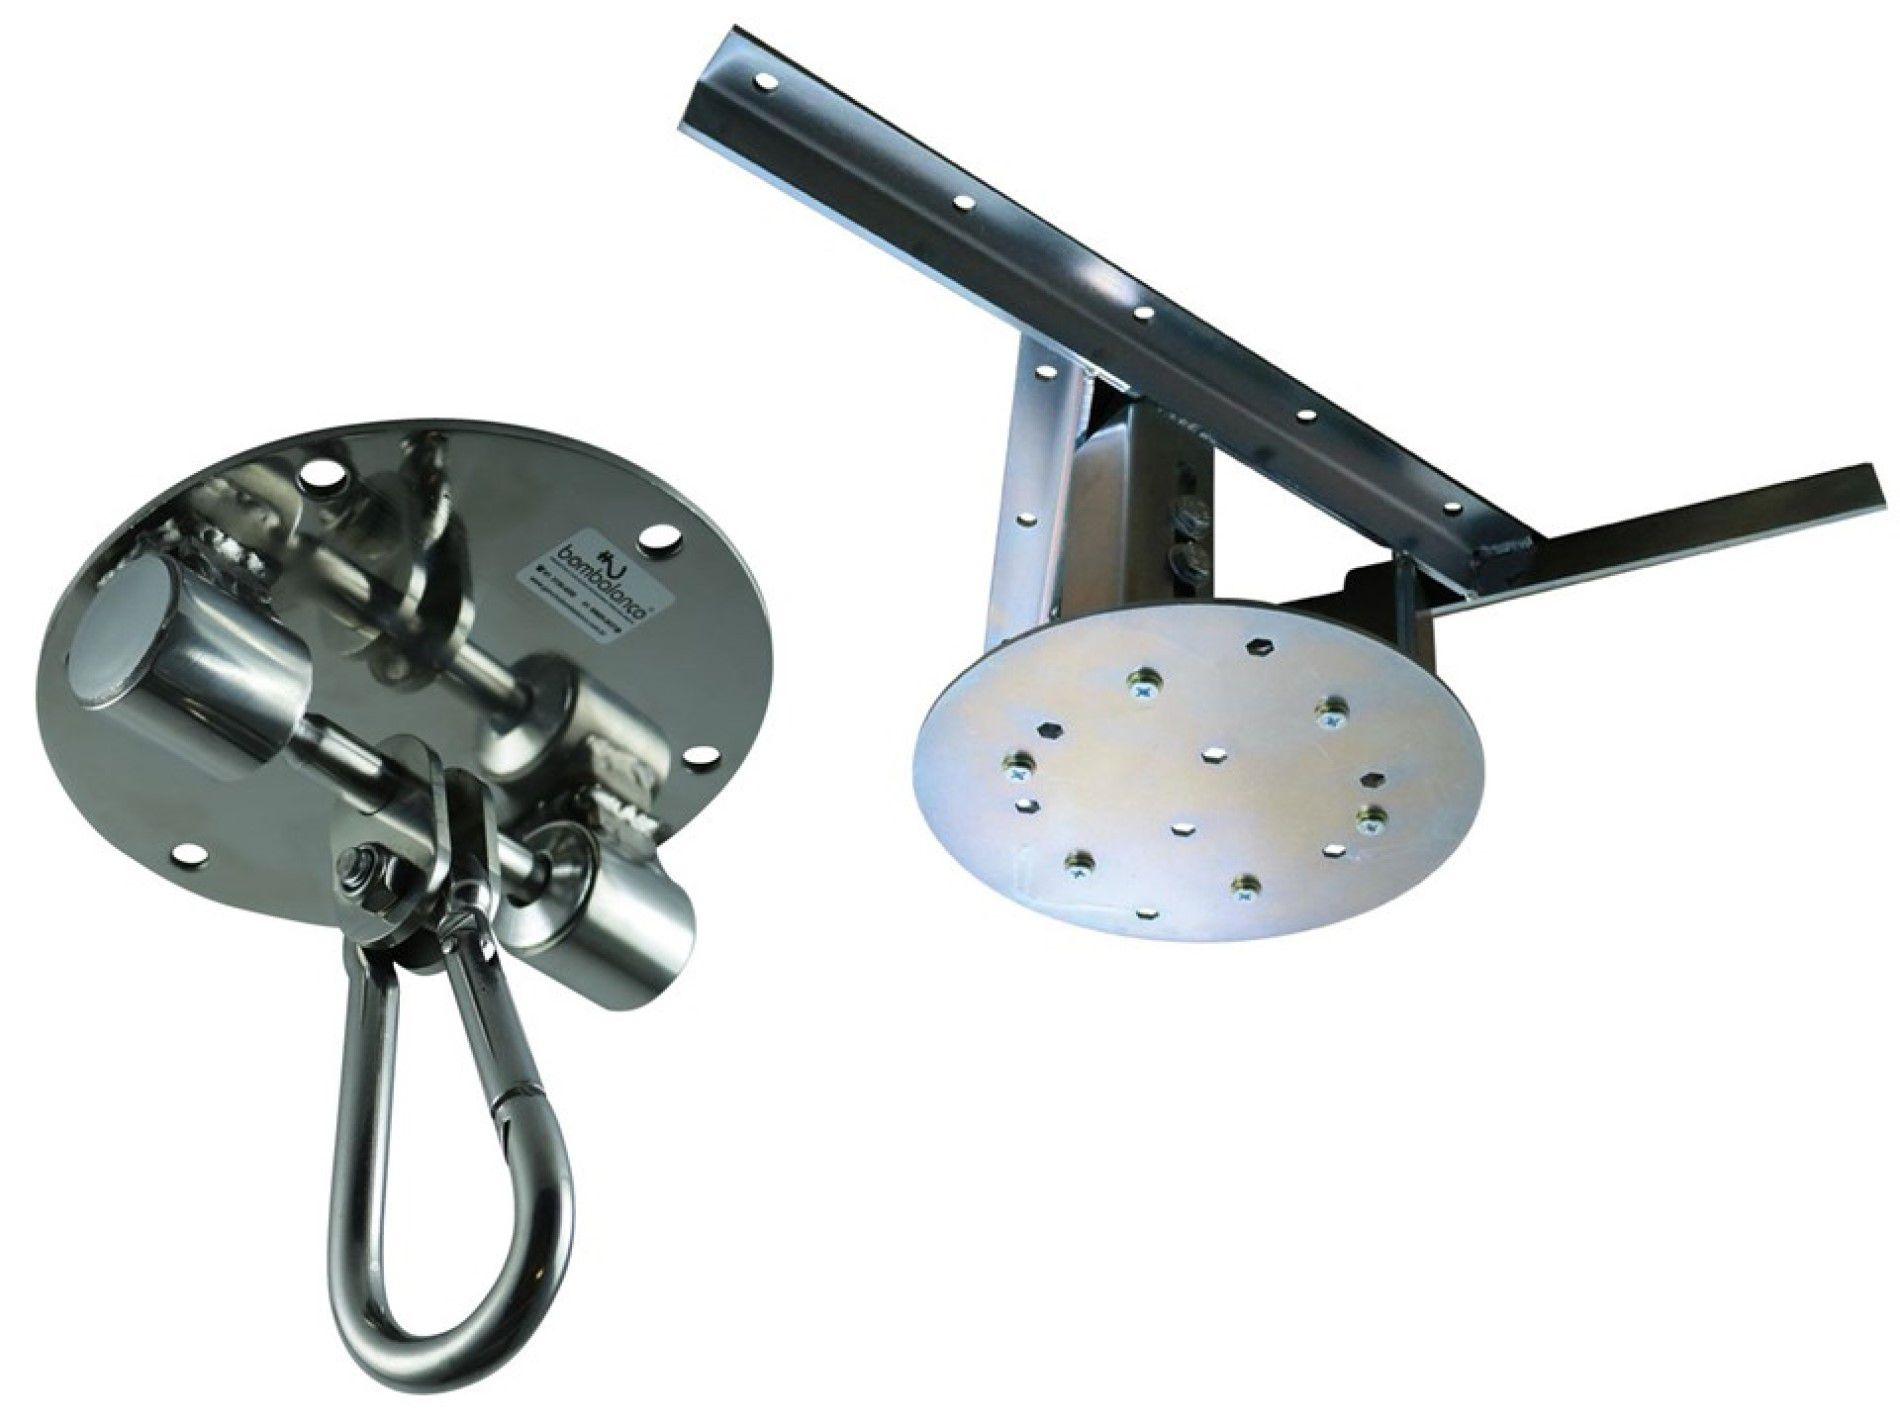 Kit extensor ajustável para teto com forro de gesso - 15 a 20 cm + balanço Stronger - capacidade 300 kg